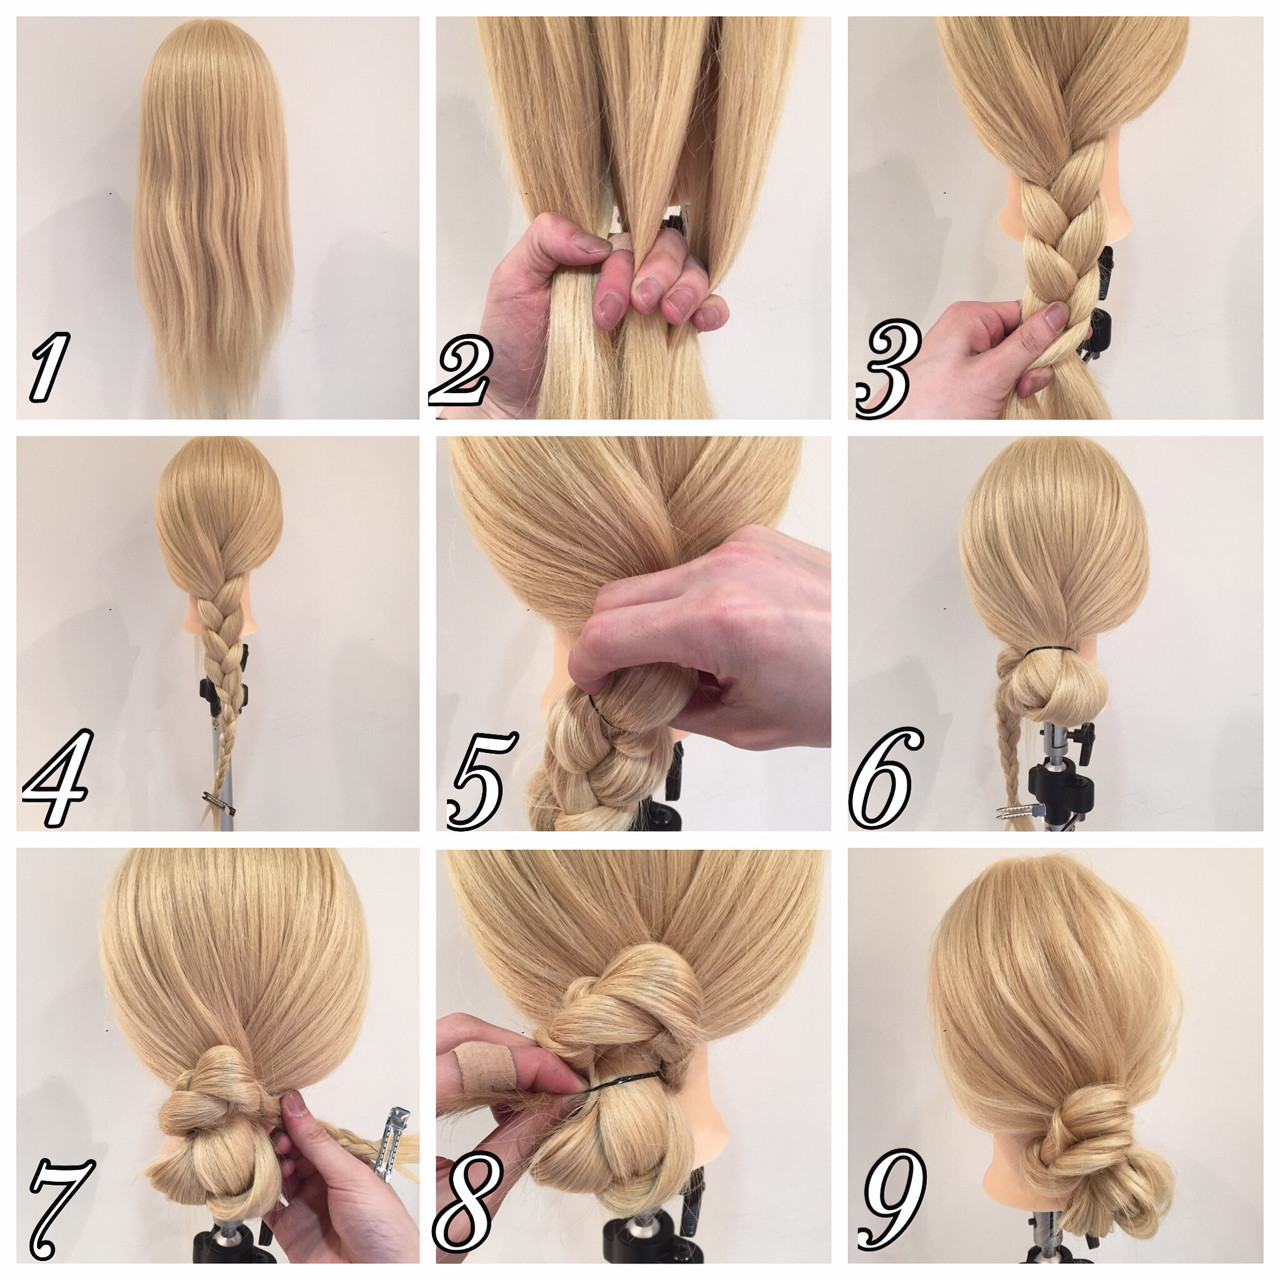 ヘアアレンジ ロング 波ウェーブ メッシーバンヘアスタイルや髪型の写真・画像